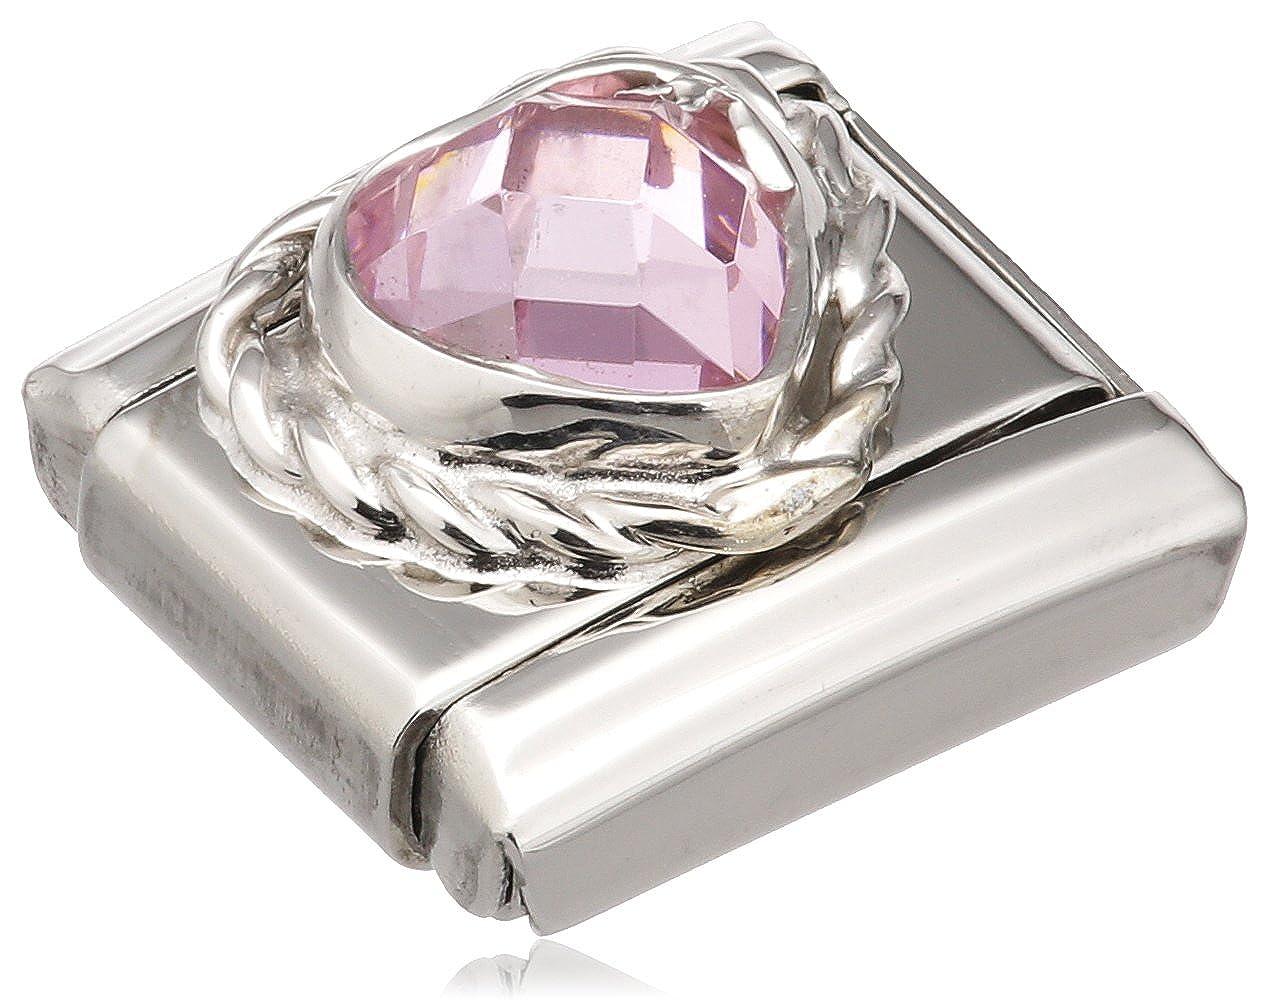 Nomination 330603/003 - Maillon pour bracelet composable Femme - Acier Inoxydable- Oxyde de Zirconium 330603-003